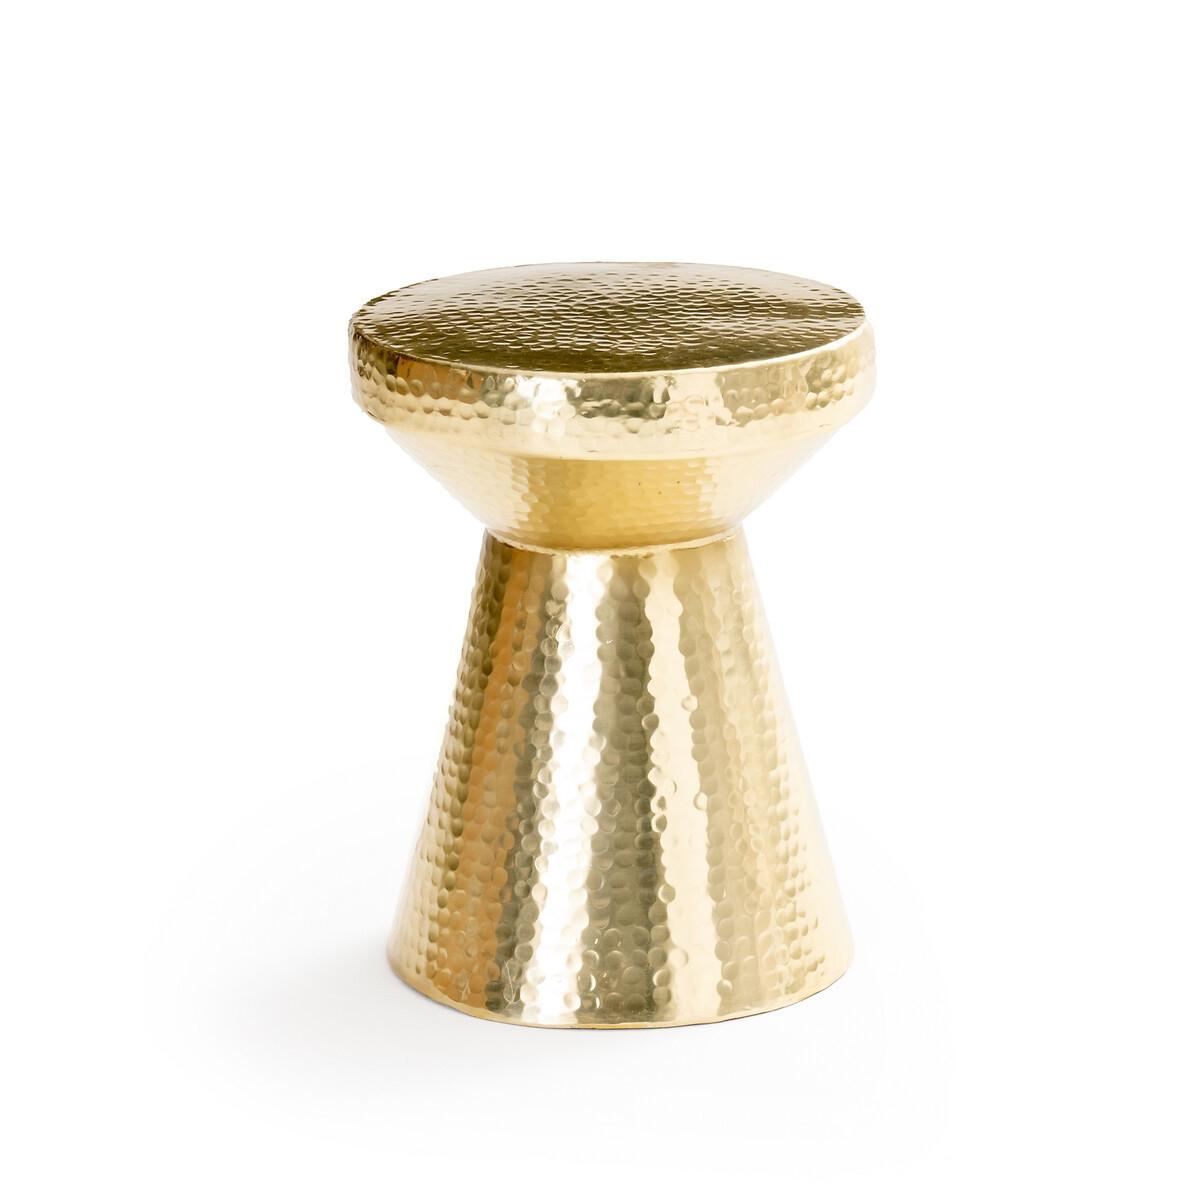 Стол LaRedoute Диванный кованый золотистый Gange единый размер золотистый